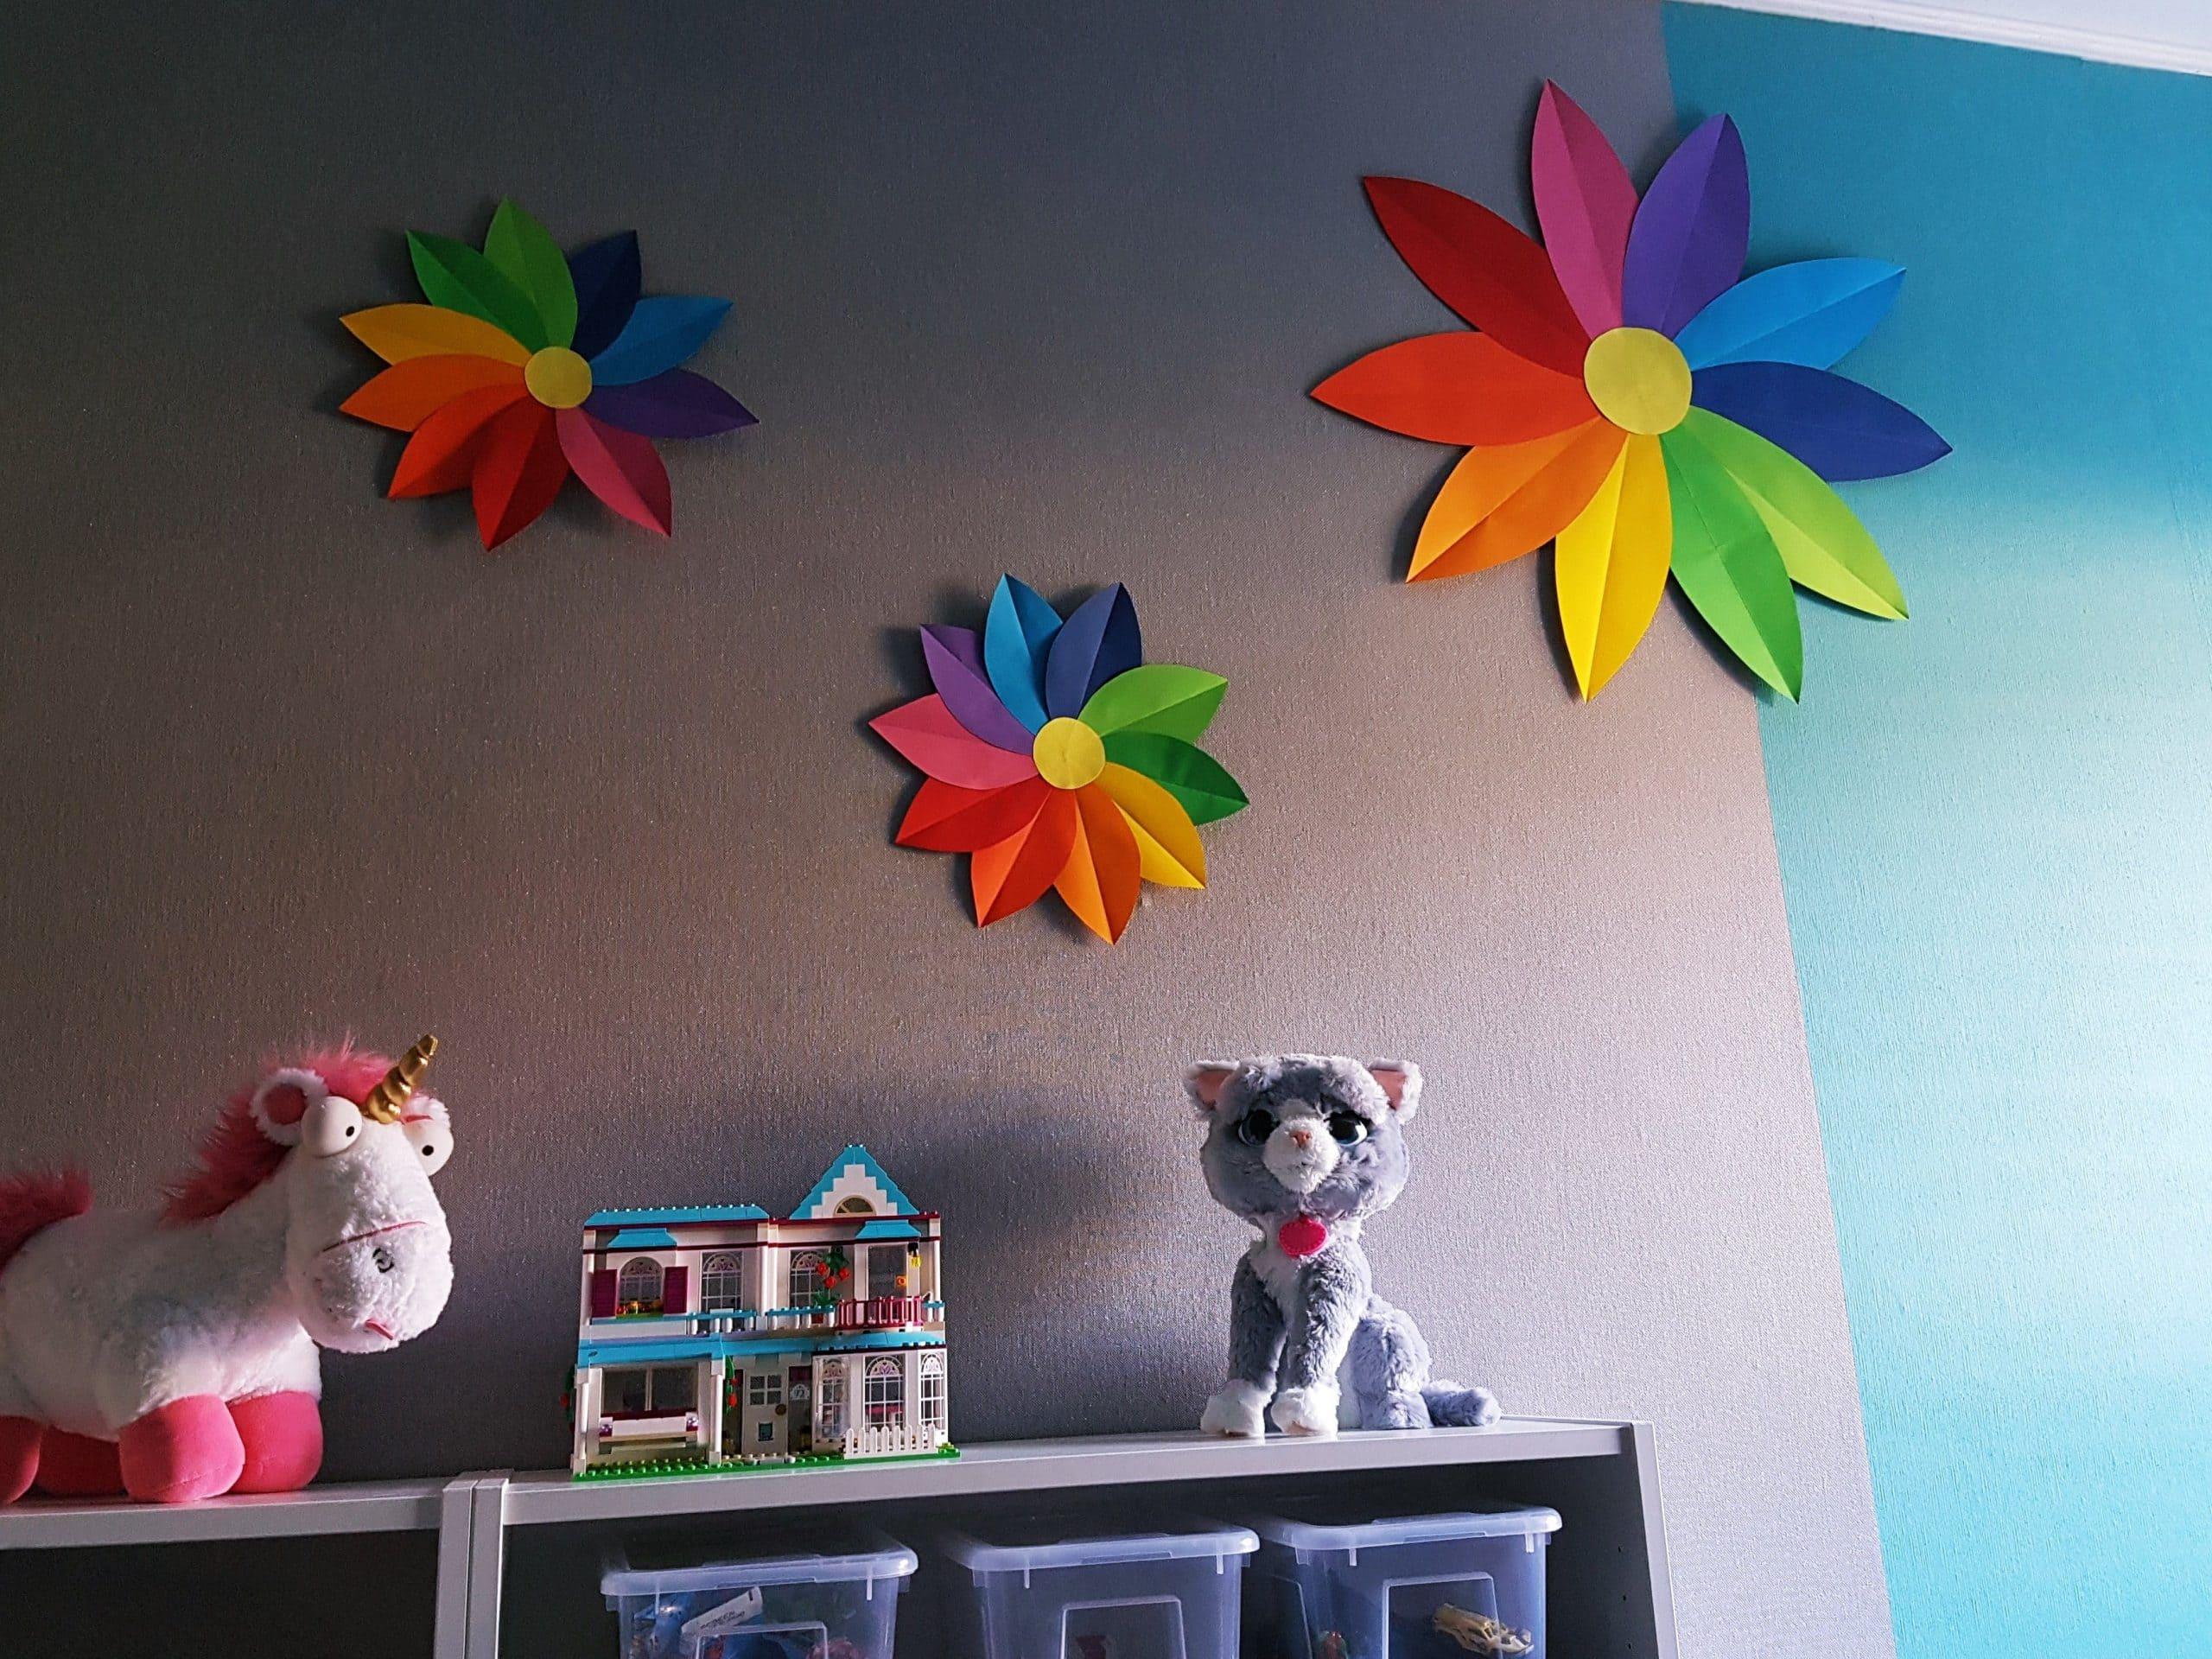 Große Papierblumen in Regenbogen-Farben basteln mit Kindern